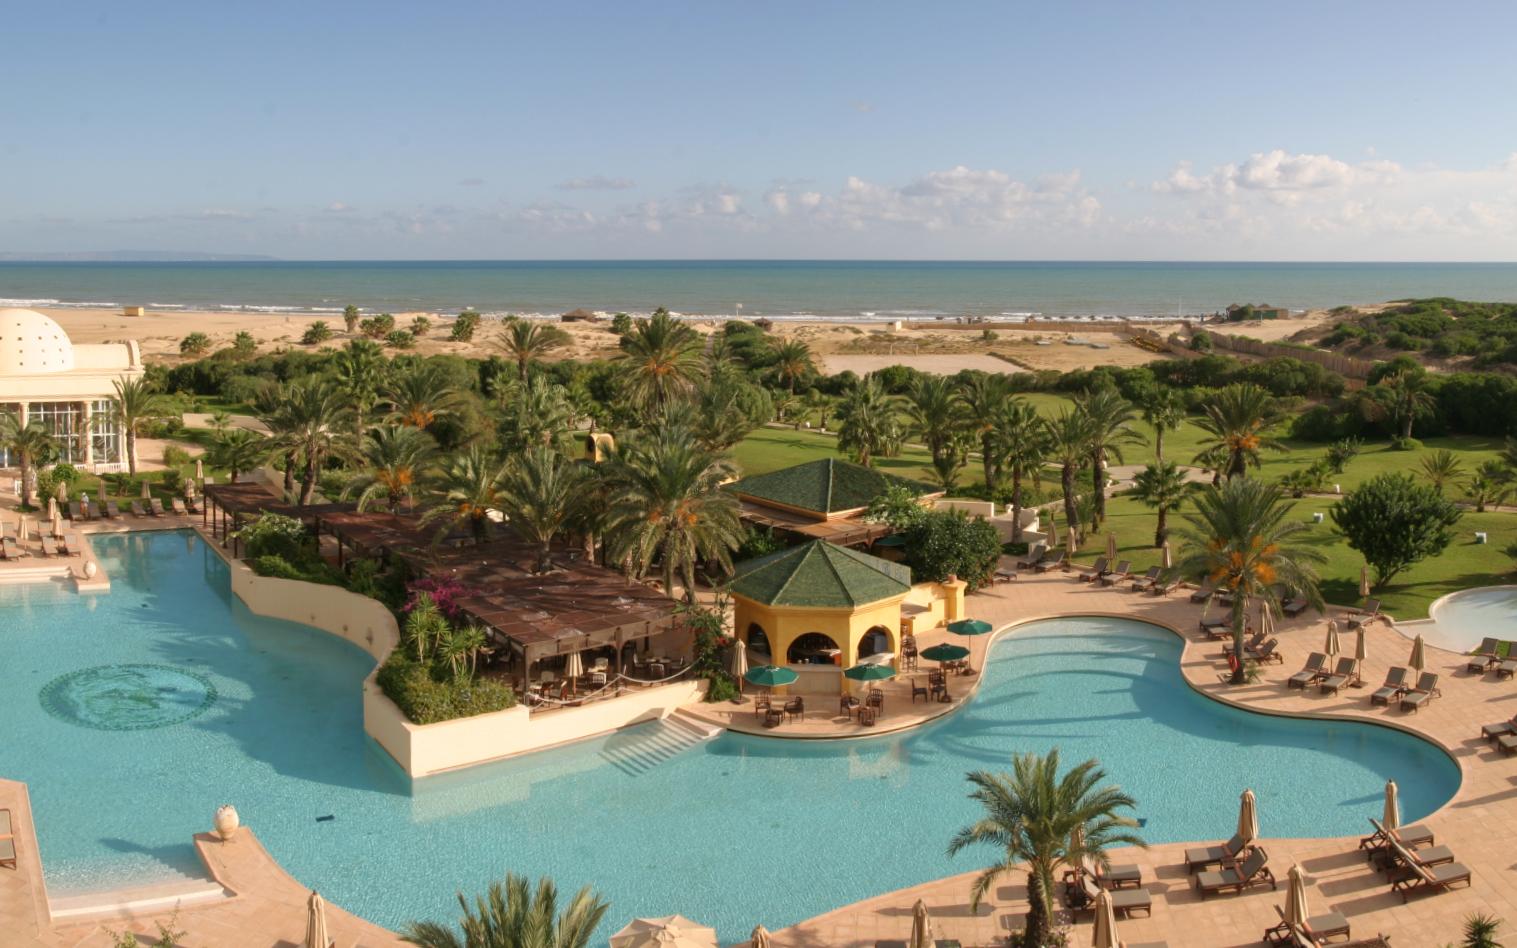 Photos: The Residence, Tunis